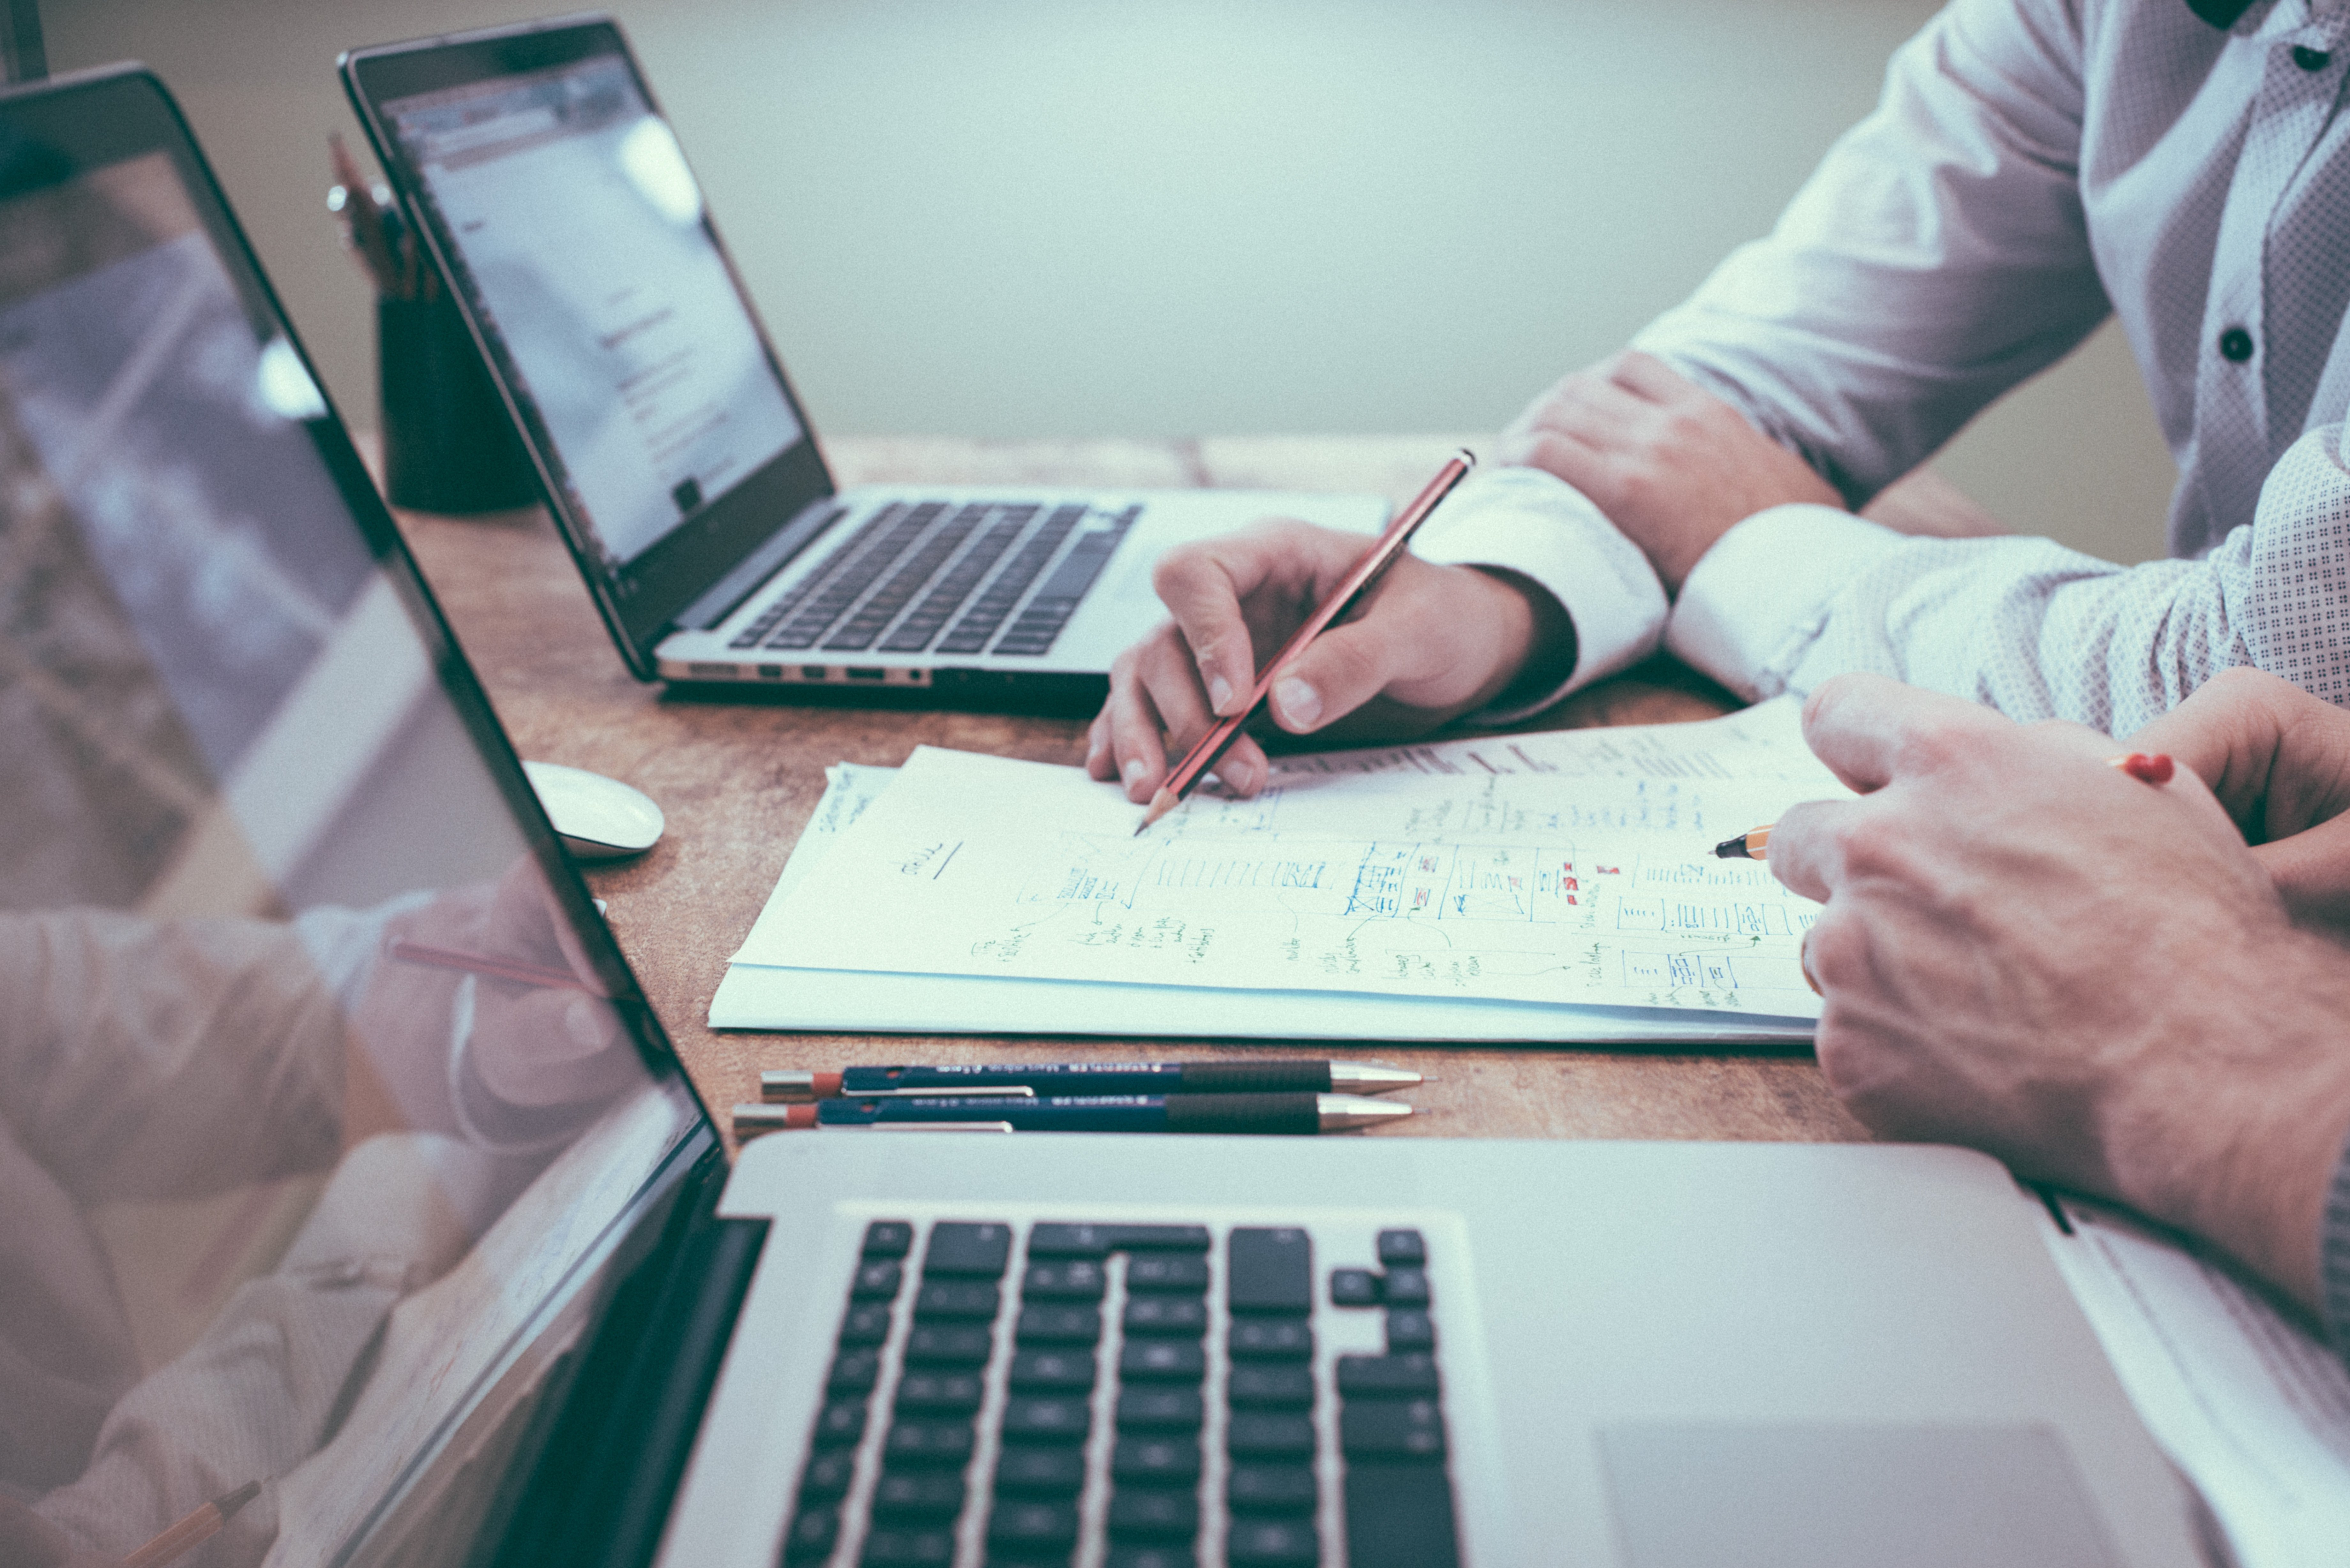 ¿Qué debo saber acerca del proceso de calificación con el Estado y cómo puedo preparar a mi negocio?